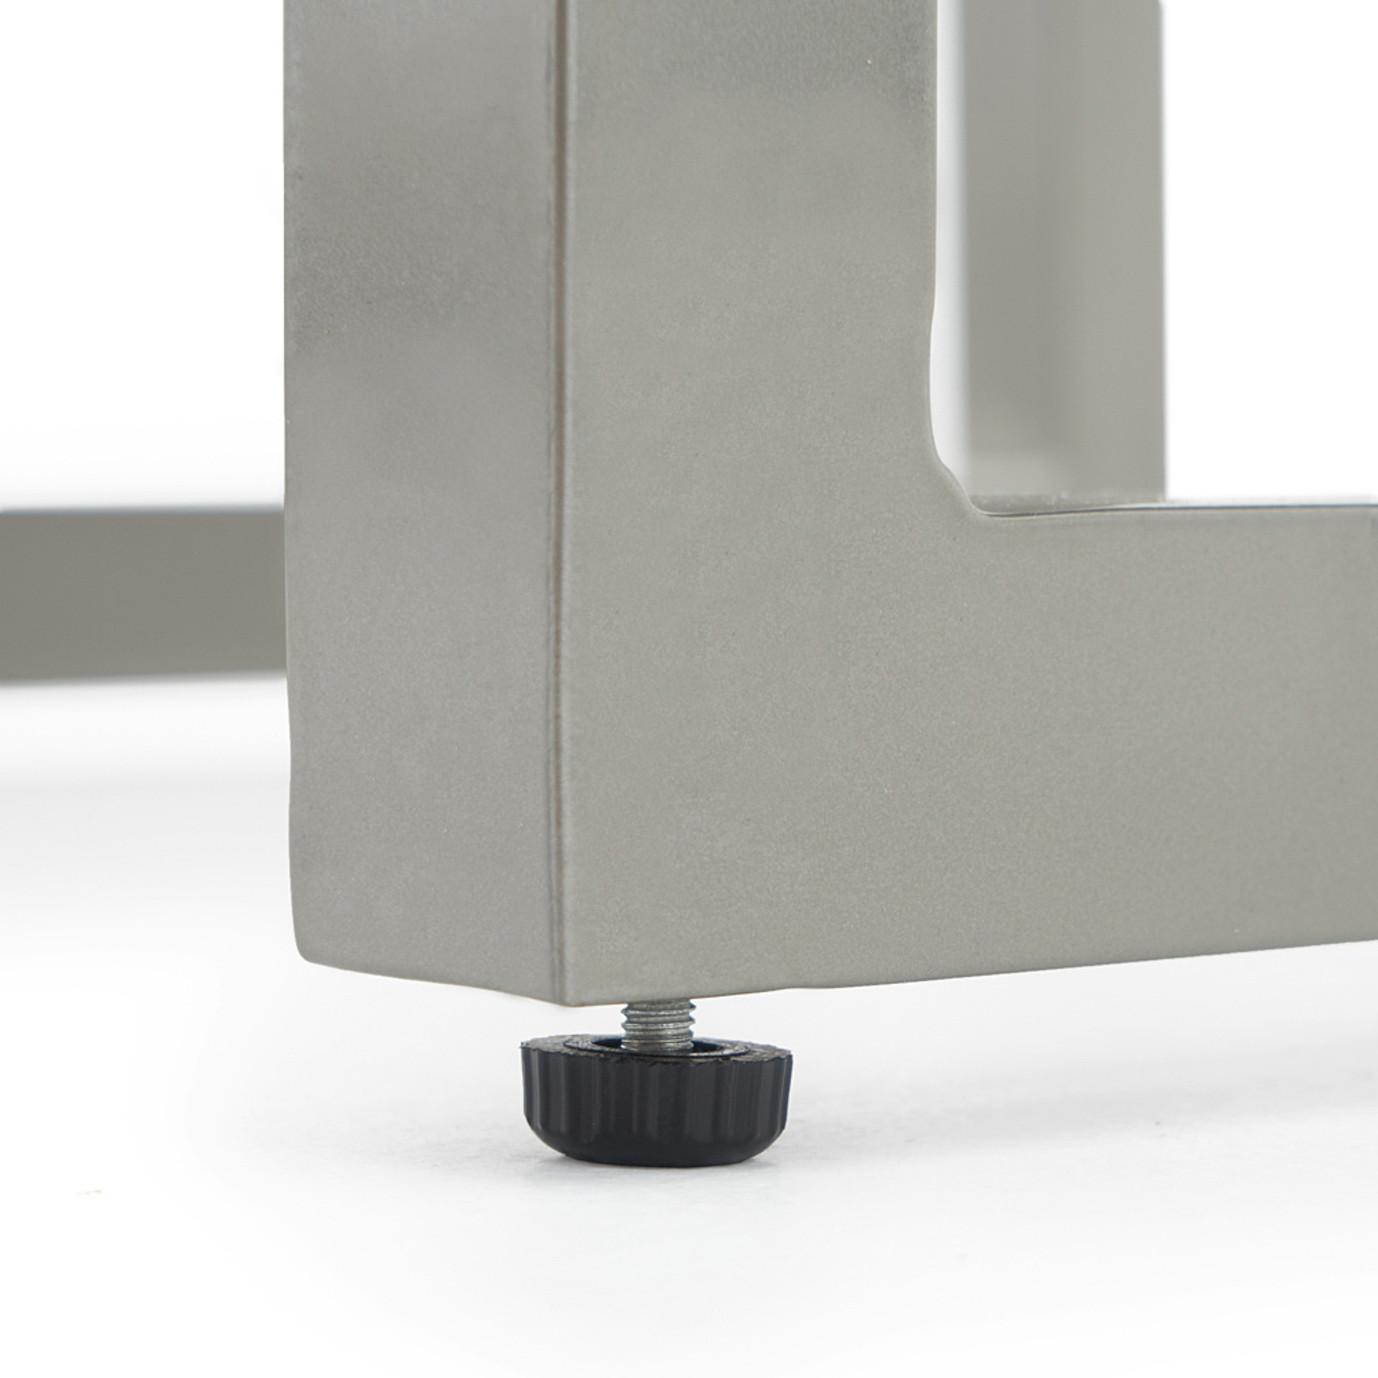 Milo Espresso 8 Piece Motion Seating Set - Spa Blue